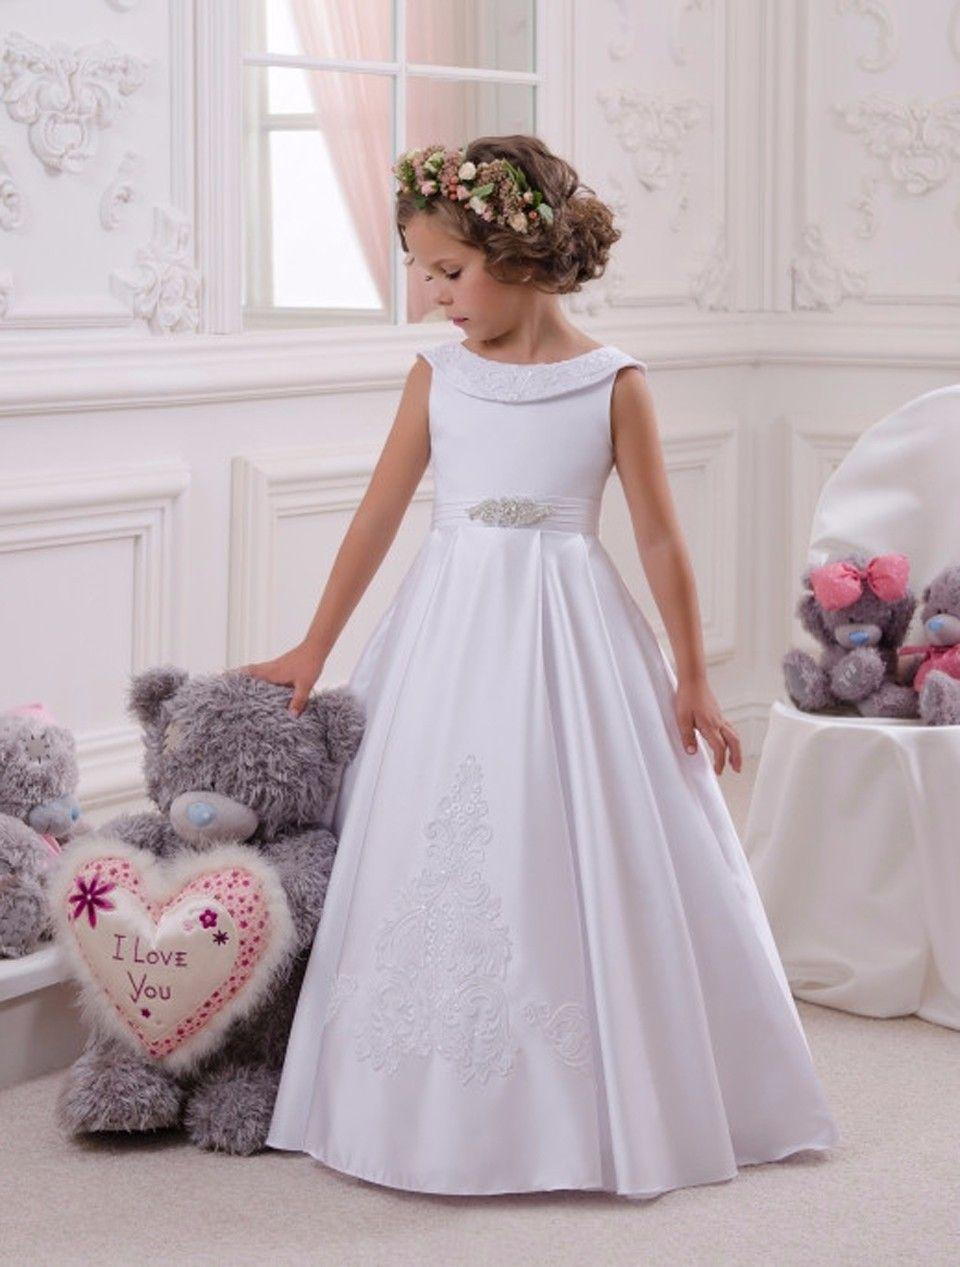 Filles dentelle Satin creux à étage robe de soirée enfants fille mariage anniversaire robe de bal robe de princesse filles Costume enfants robes